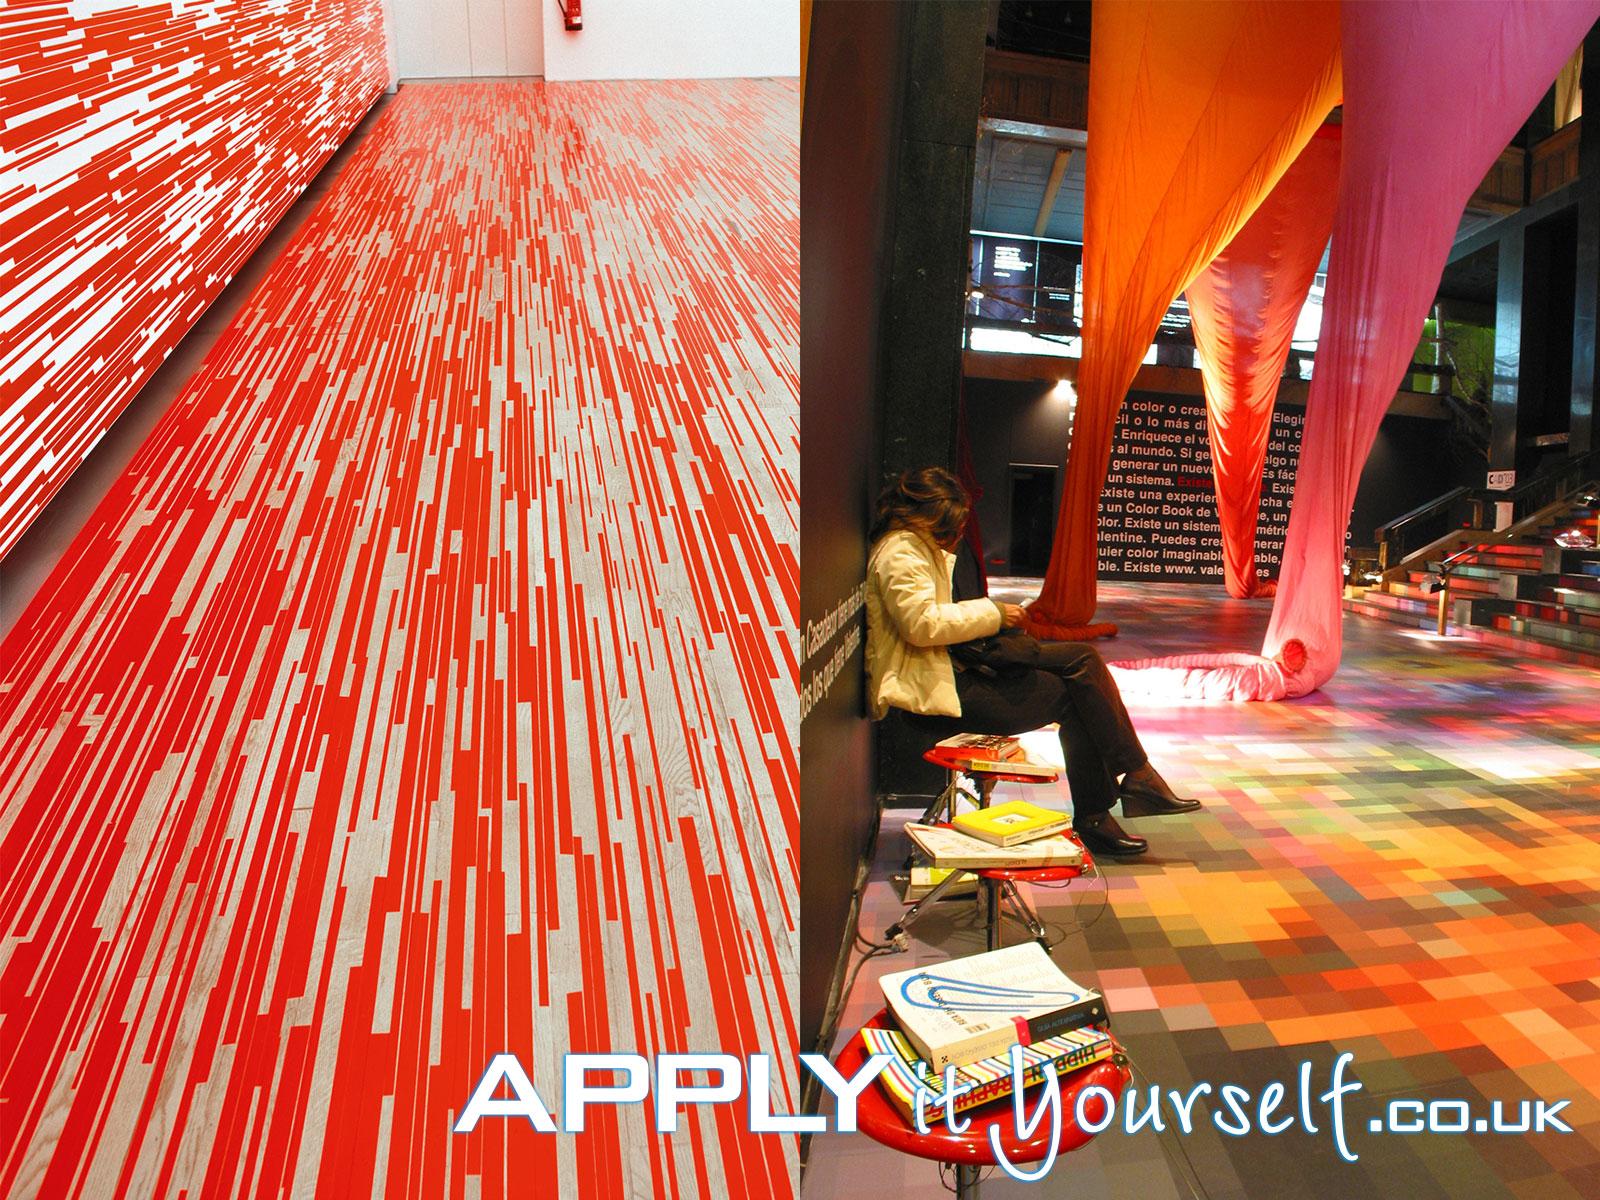 floor stickers, floor decals, floor graphics, exhibition, event